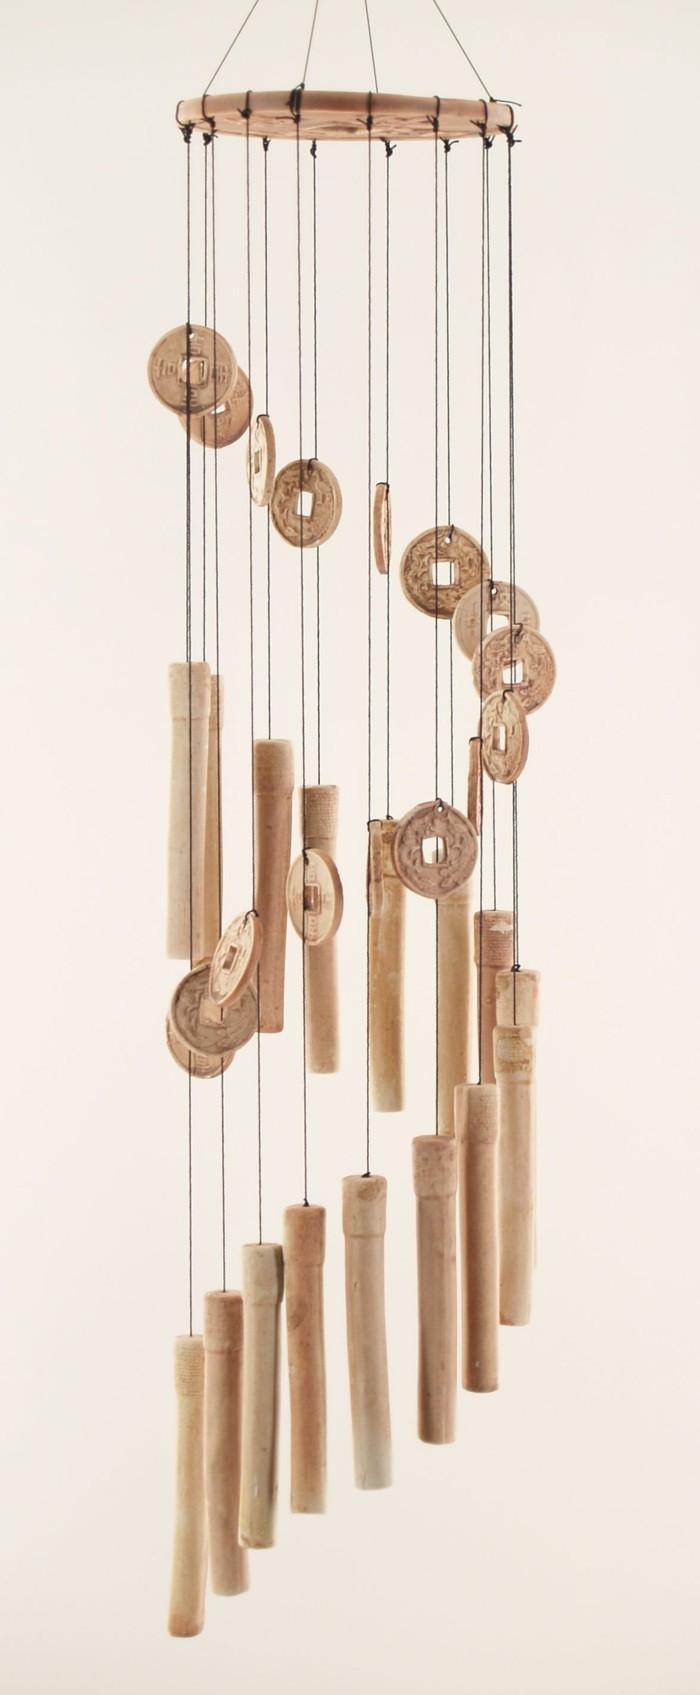 carillon-bambou-decoration-donnant-un-air-exotique-et-sauvage-a-votre-domicile